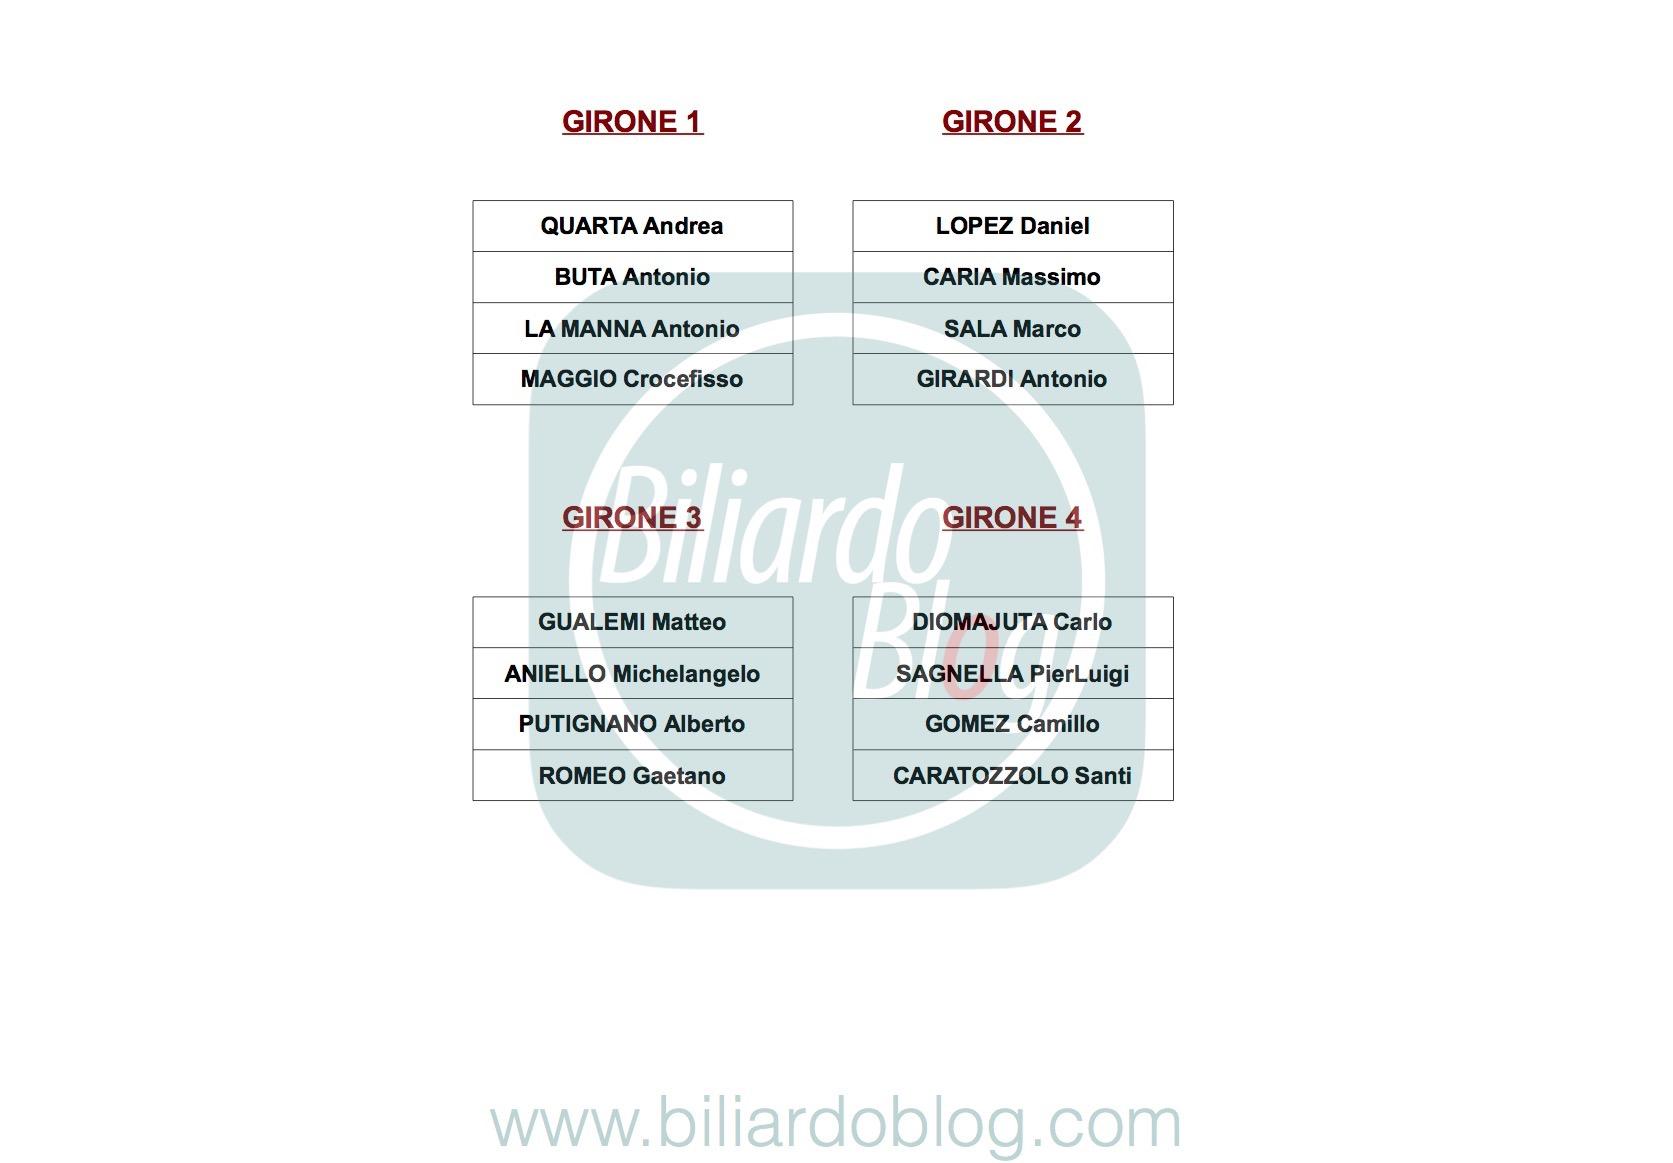 Risultati della Seconda Tappa del Campionato Italiano di Biliardo 2017 2018: i gironi dei pro